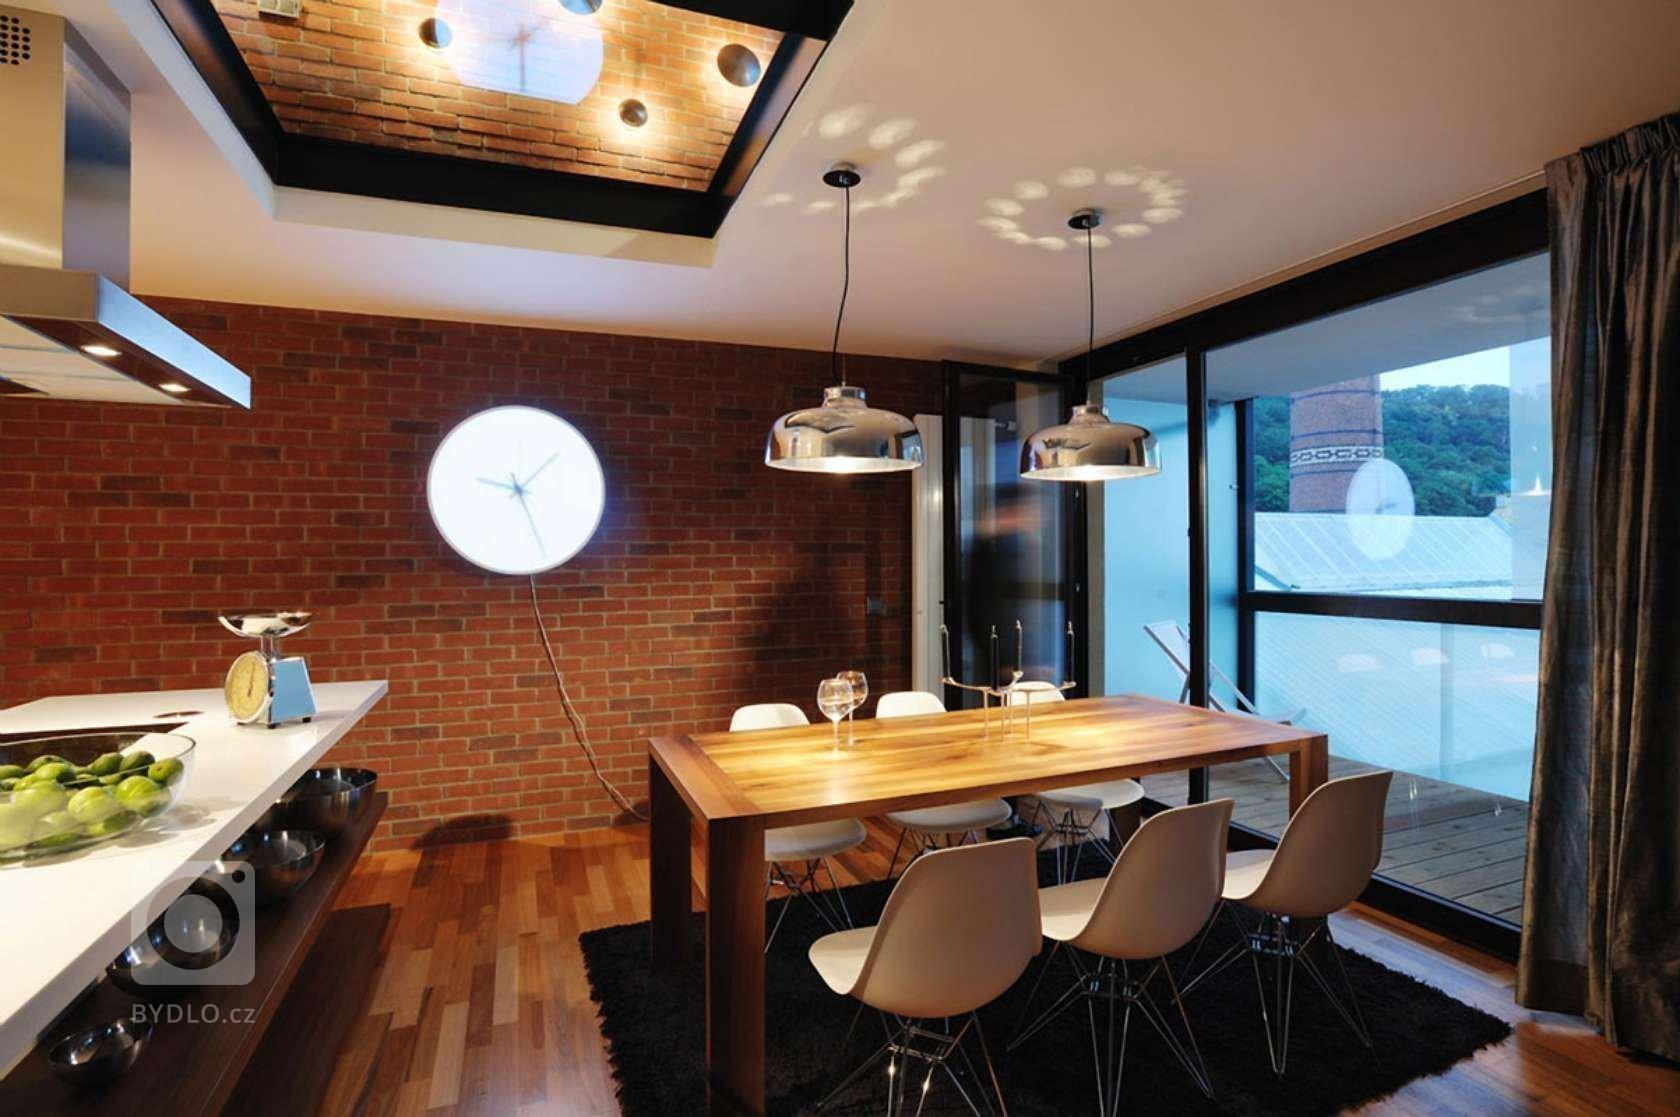 Interiéry vzorového bytu pro Real Estate Karlín Group v komplexu Cornlofts. Interiéry vznikaly v nově vybudované budově sýpky přetransformované v luxusní…